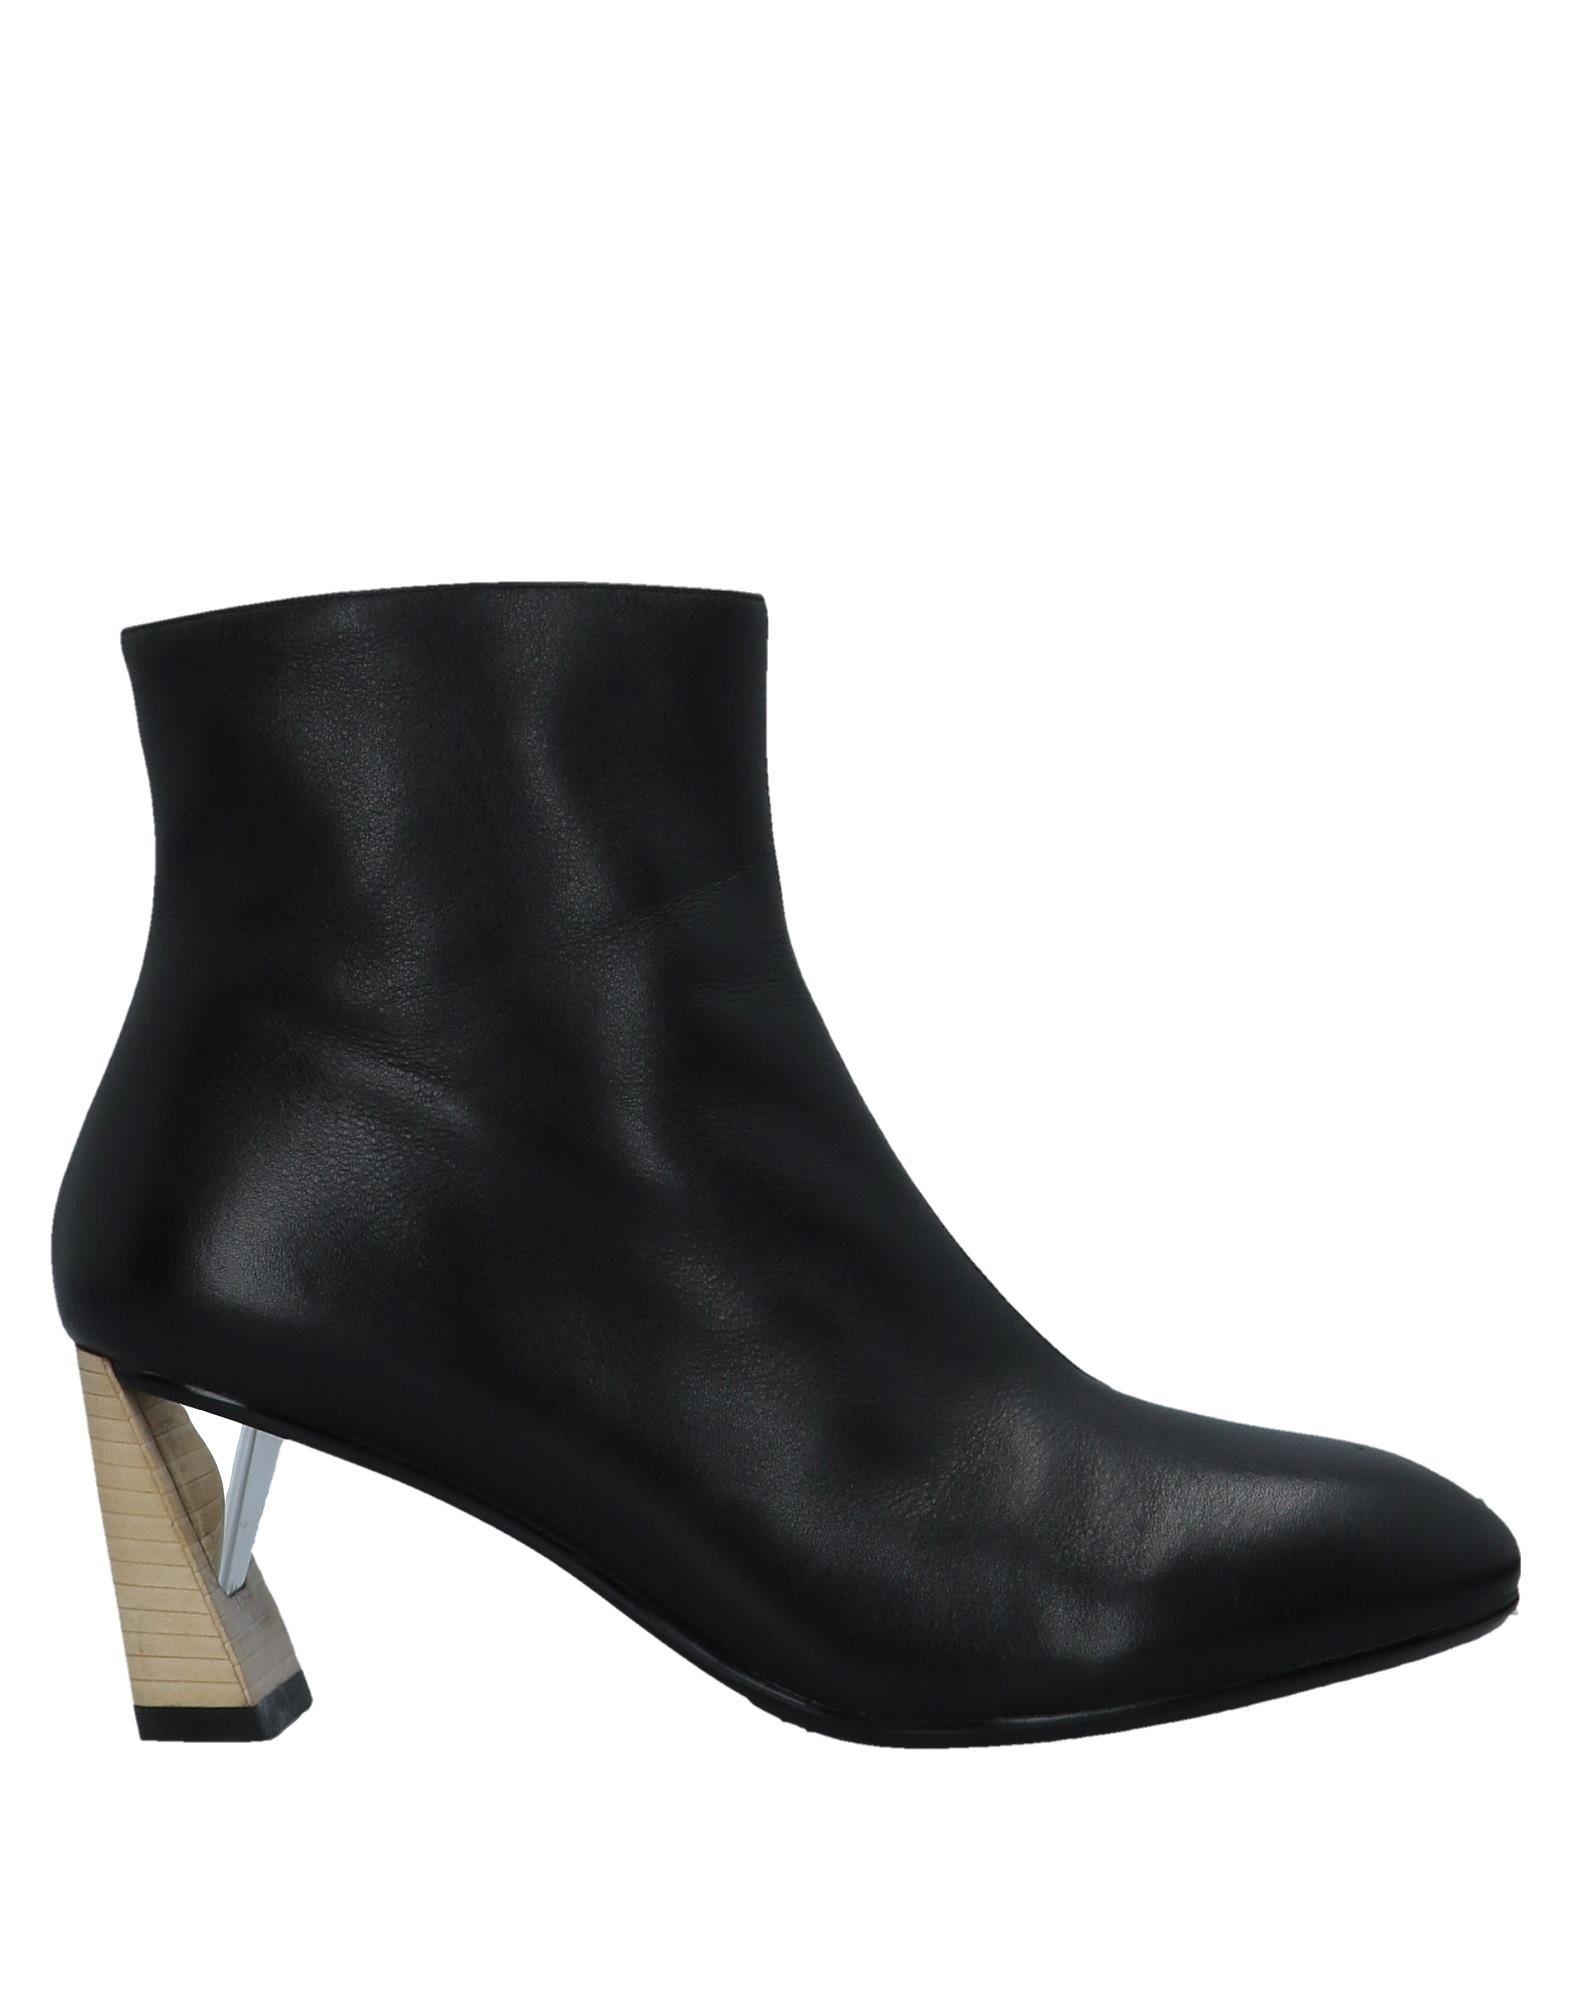 United Nude Stiefelette Damen  11535544BMGut aussehende strapazierfähige Schuhe